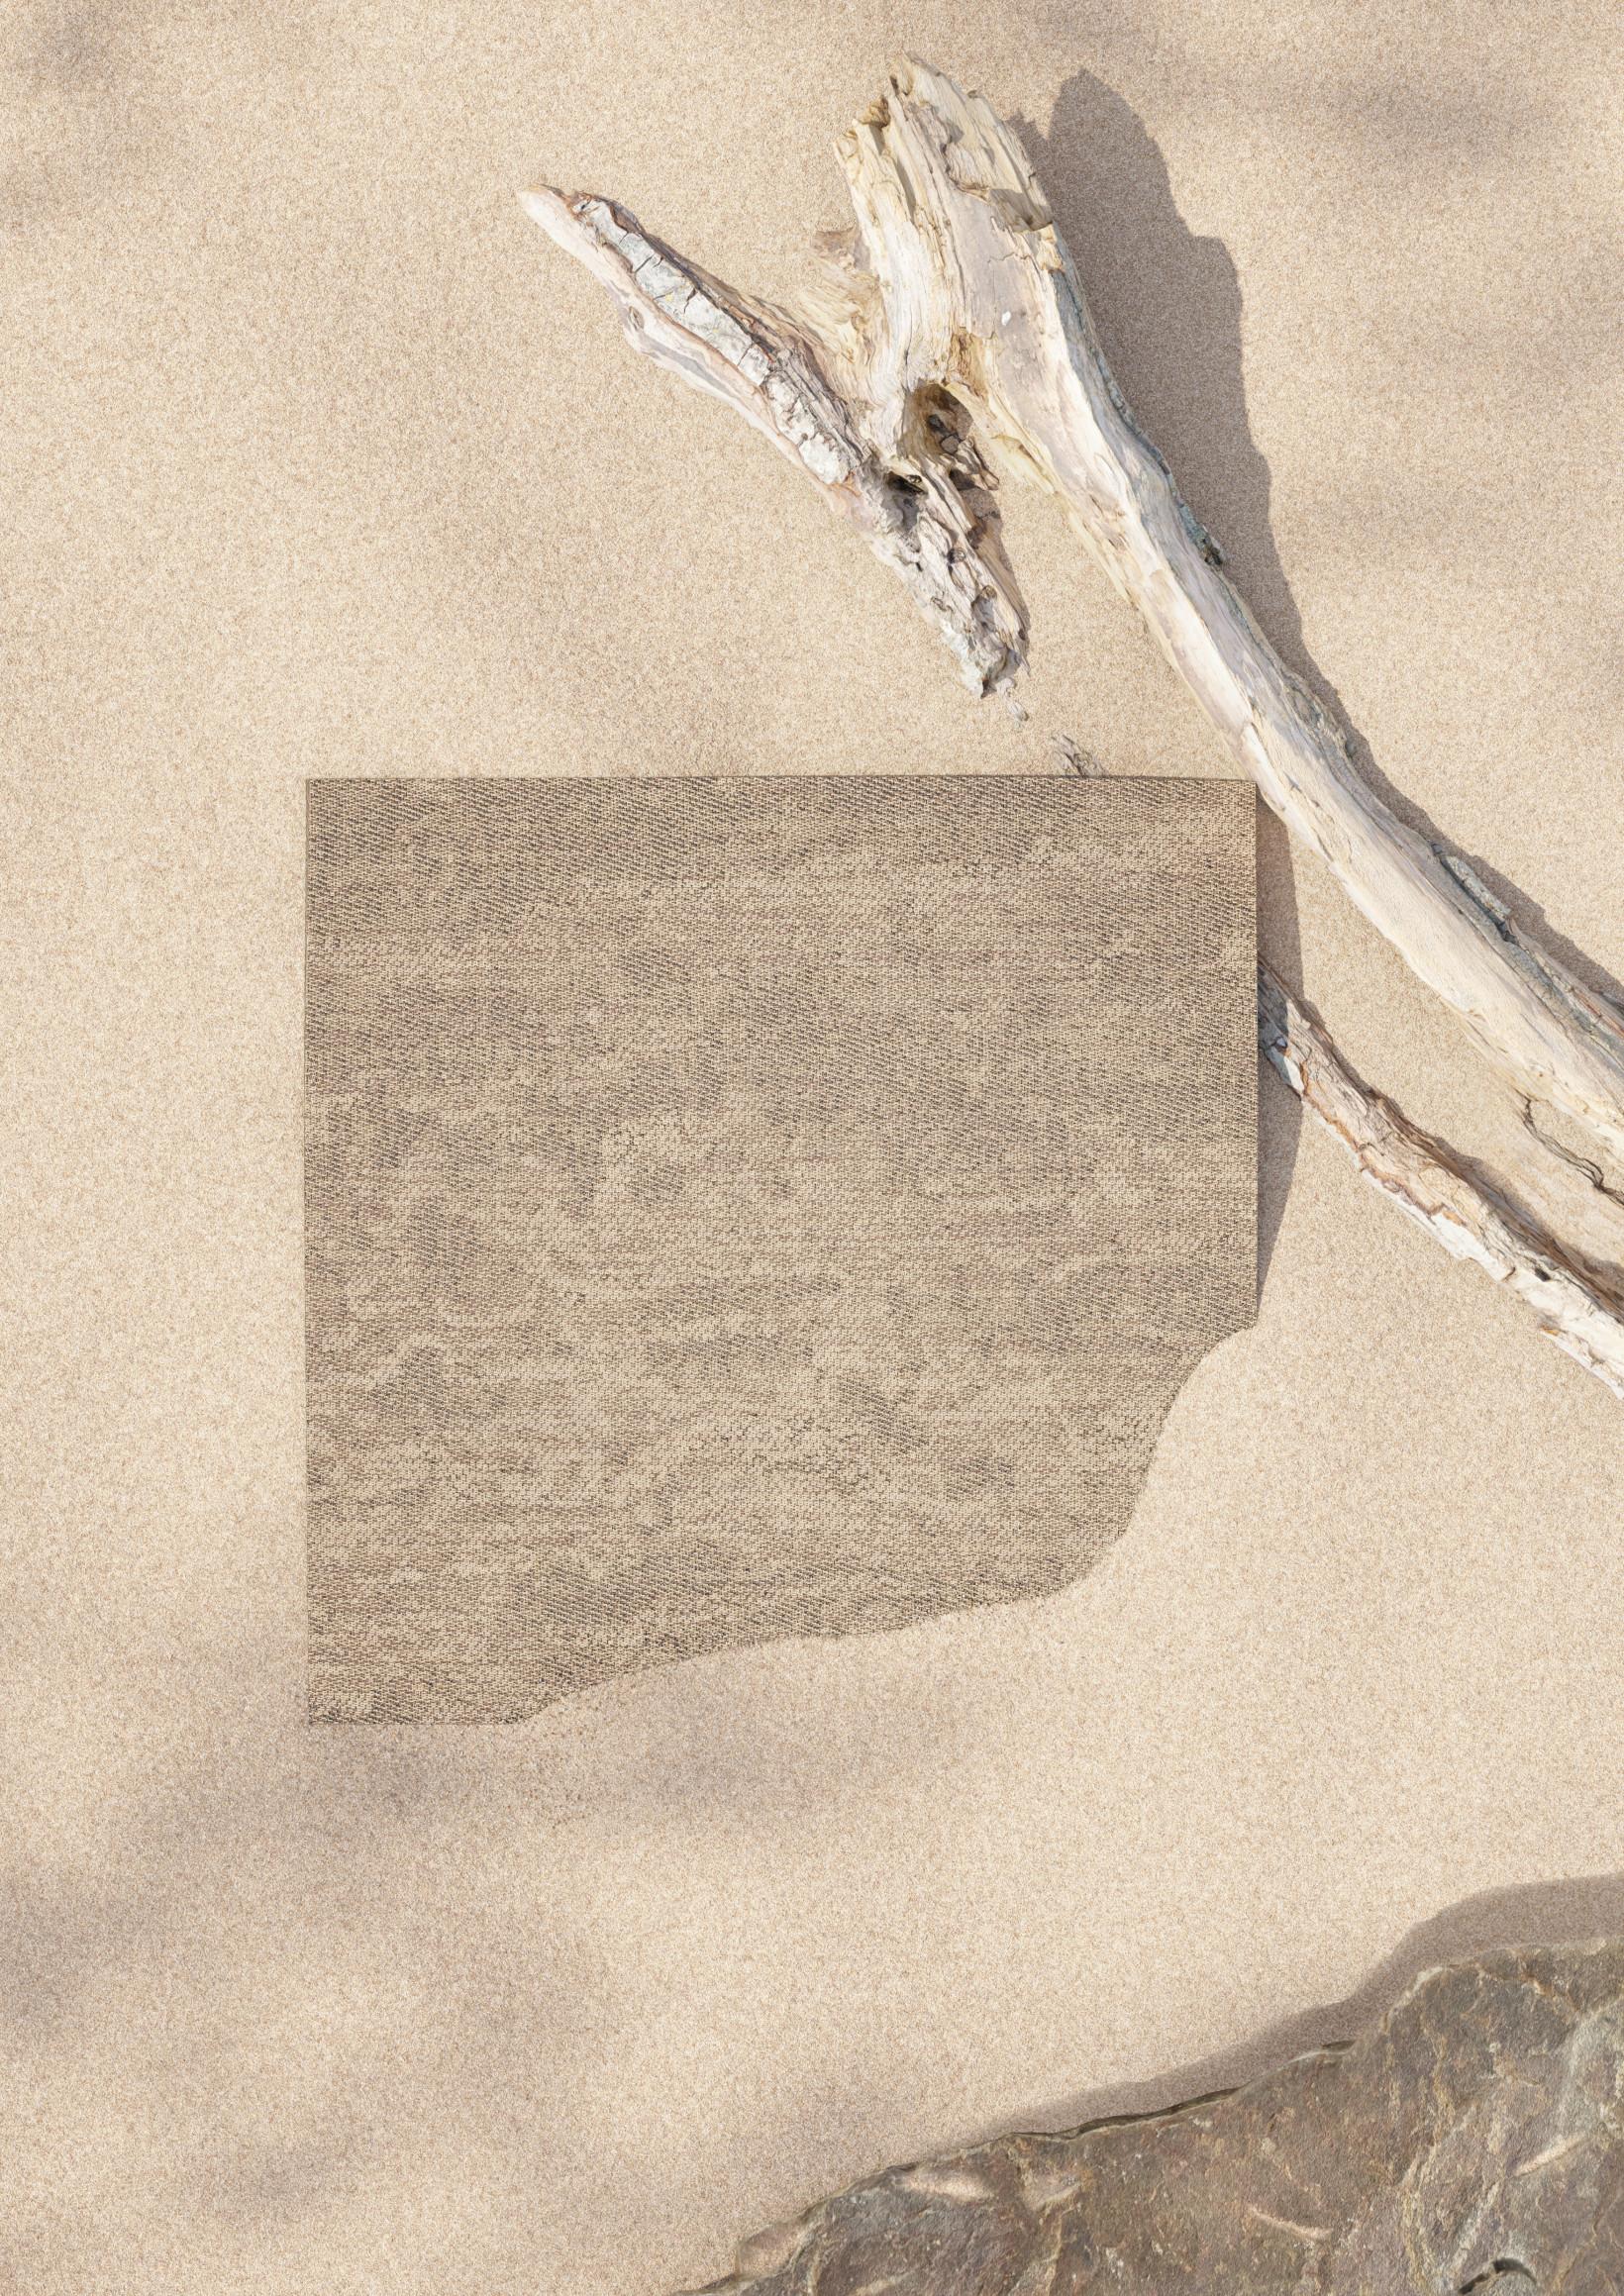 2Tec2_Desert_collection_A3.jpg